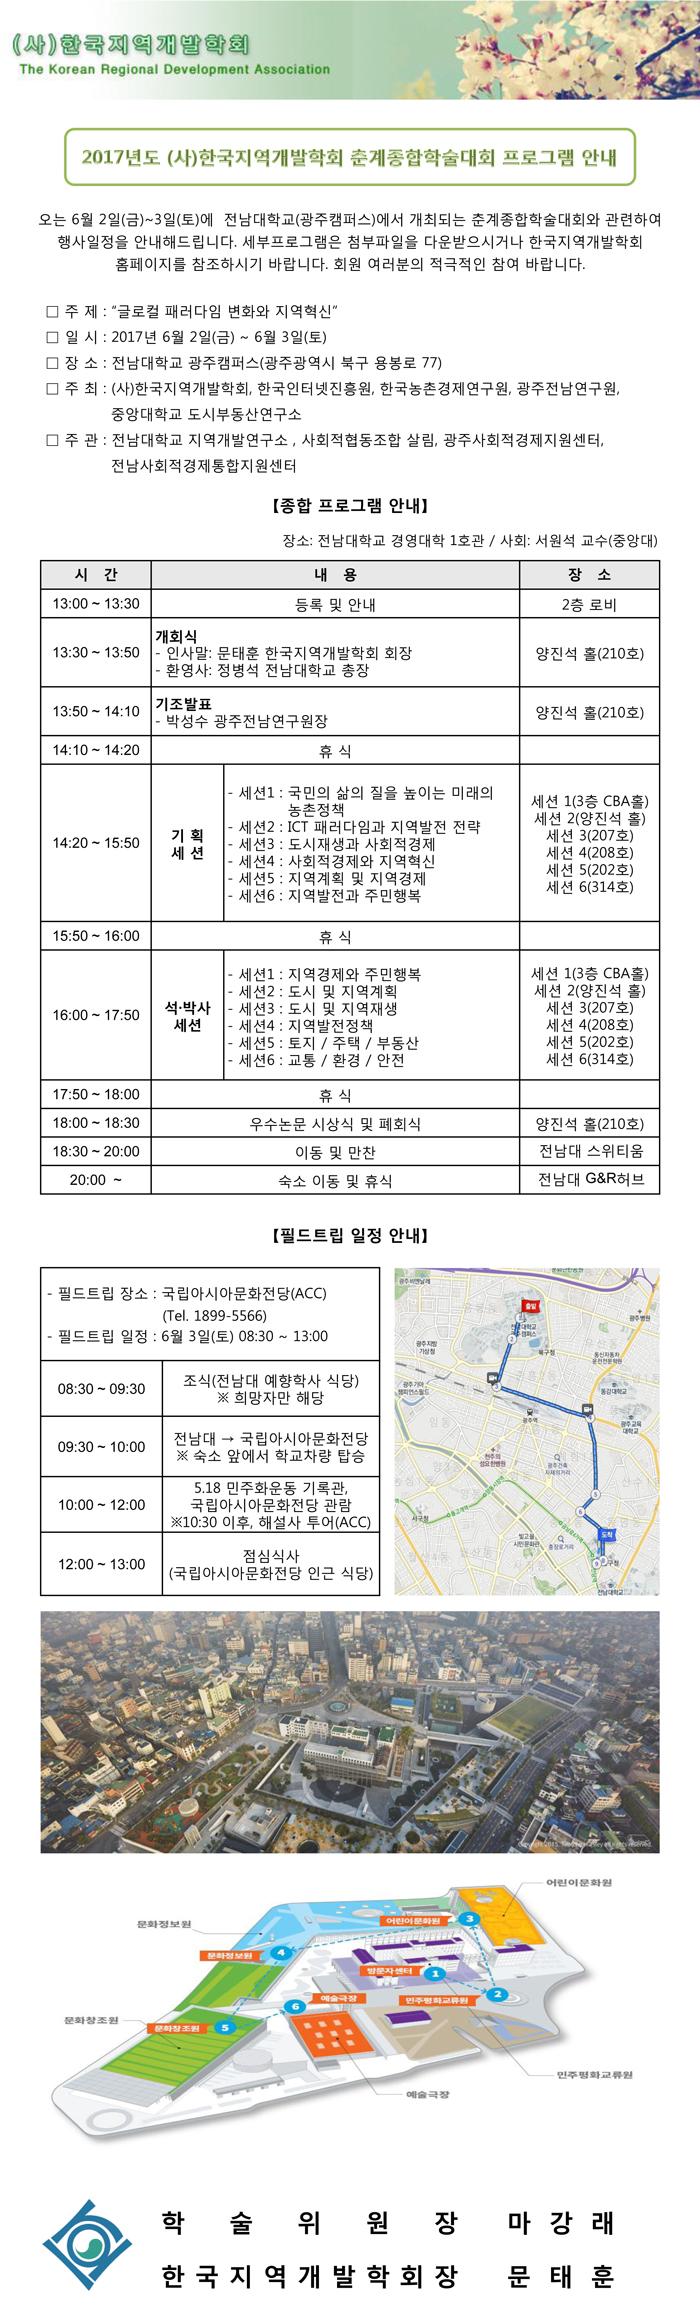 2017-춘계학술대회_프로그램안내_최종.jpg